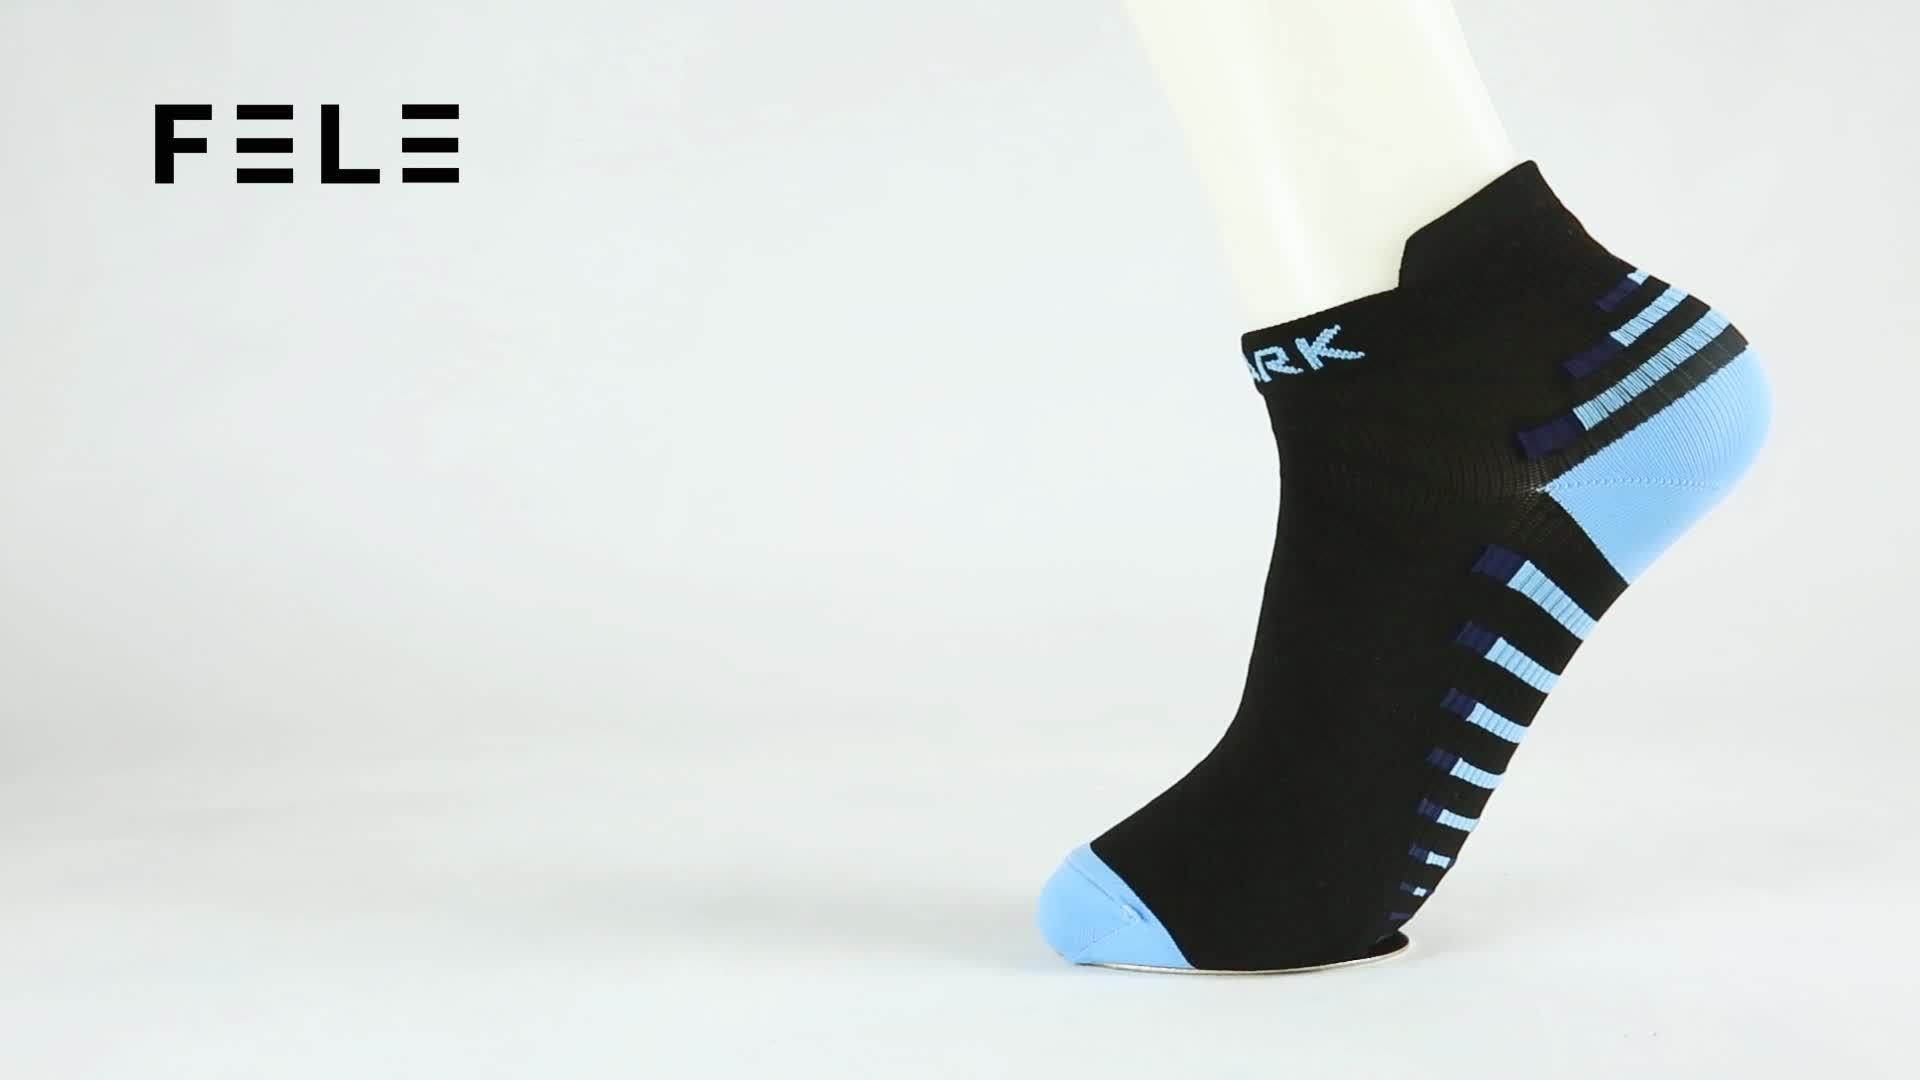 Unisex 2Pack Women's Slipper Floor Socks Winter Thick Fleece Lining Socks FL01-526